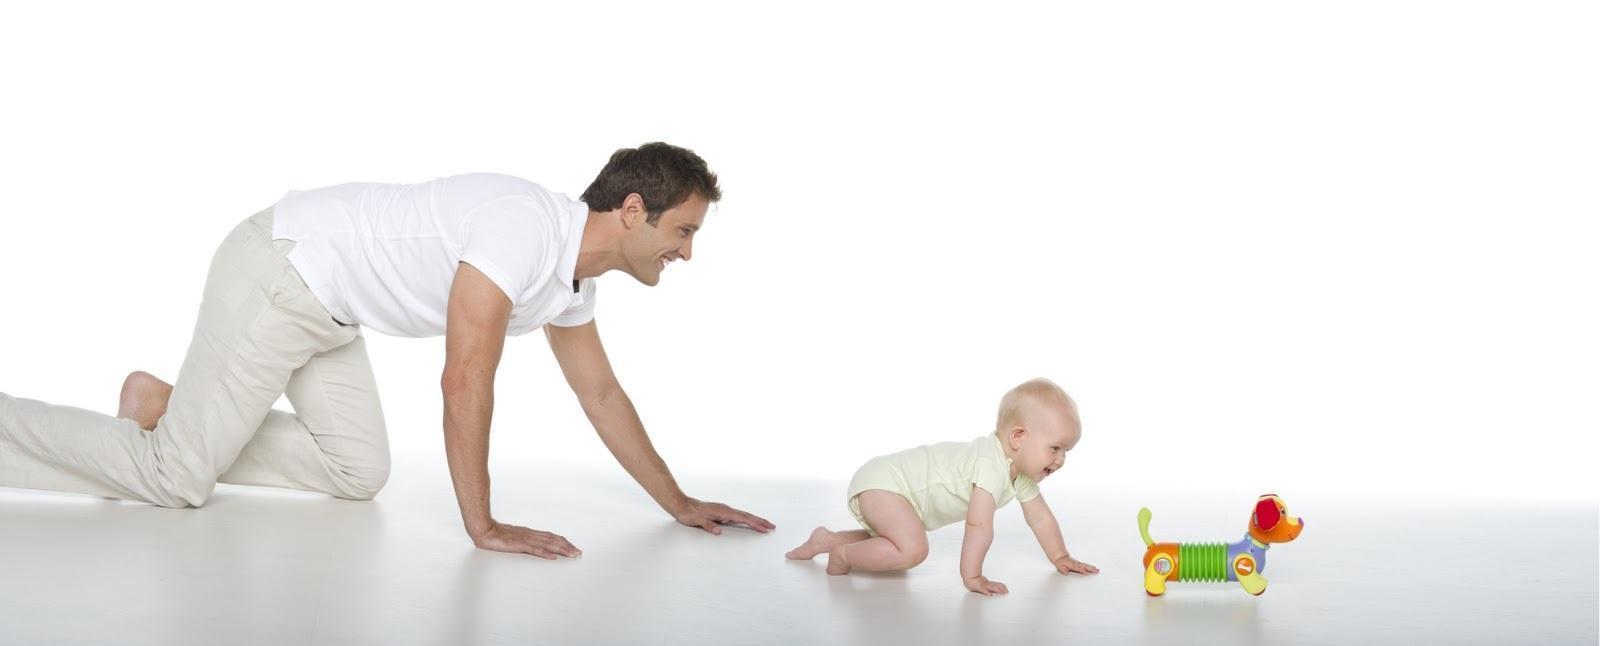 Jogos Para Estimular o Bebê a Engatinhar